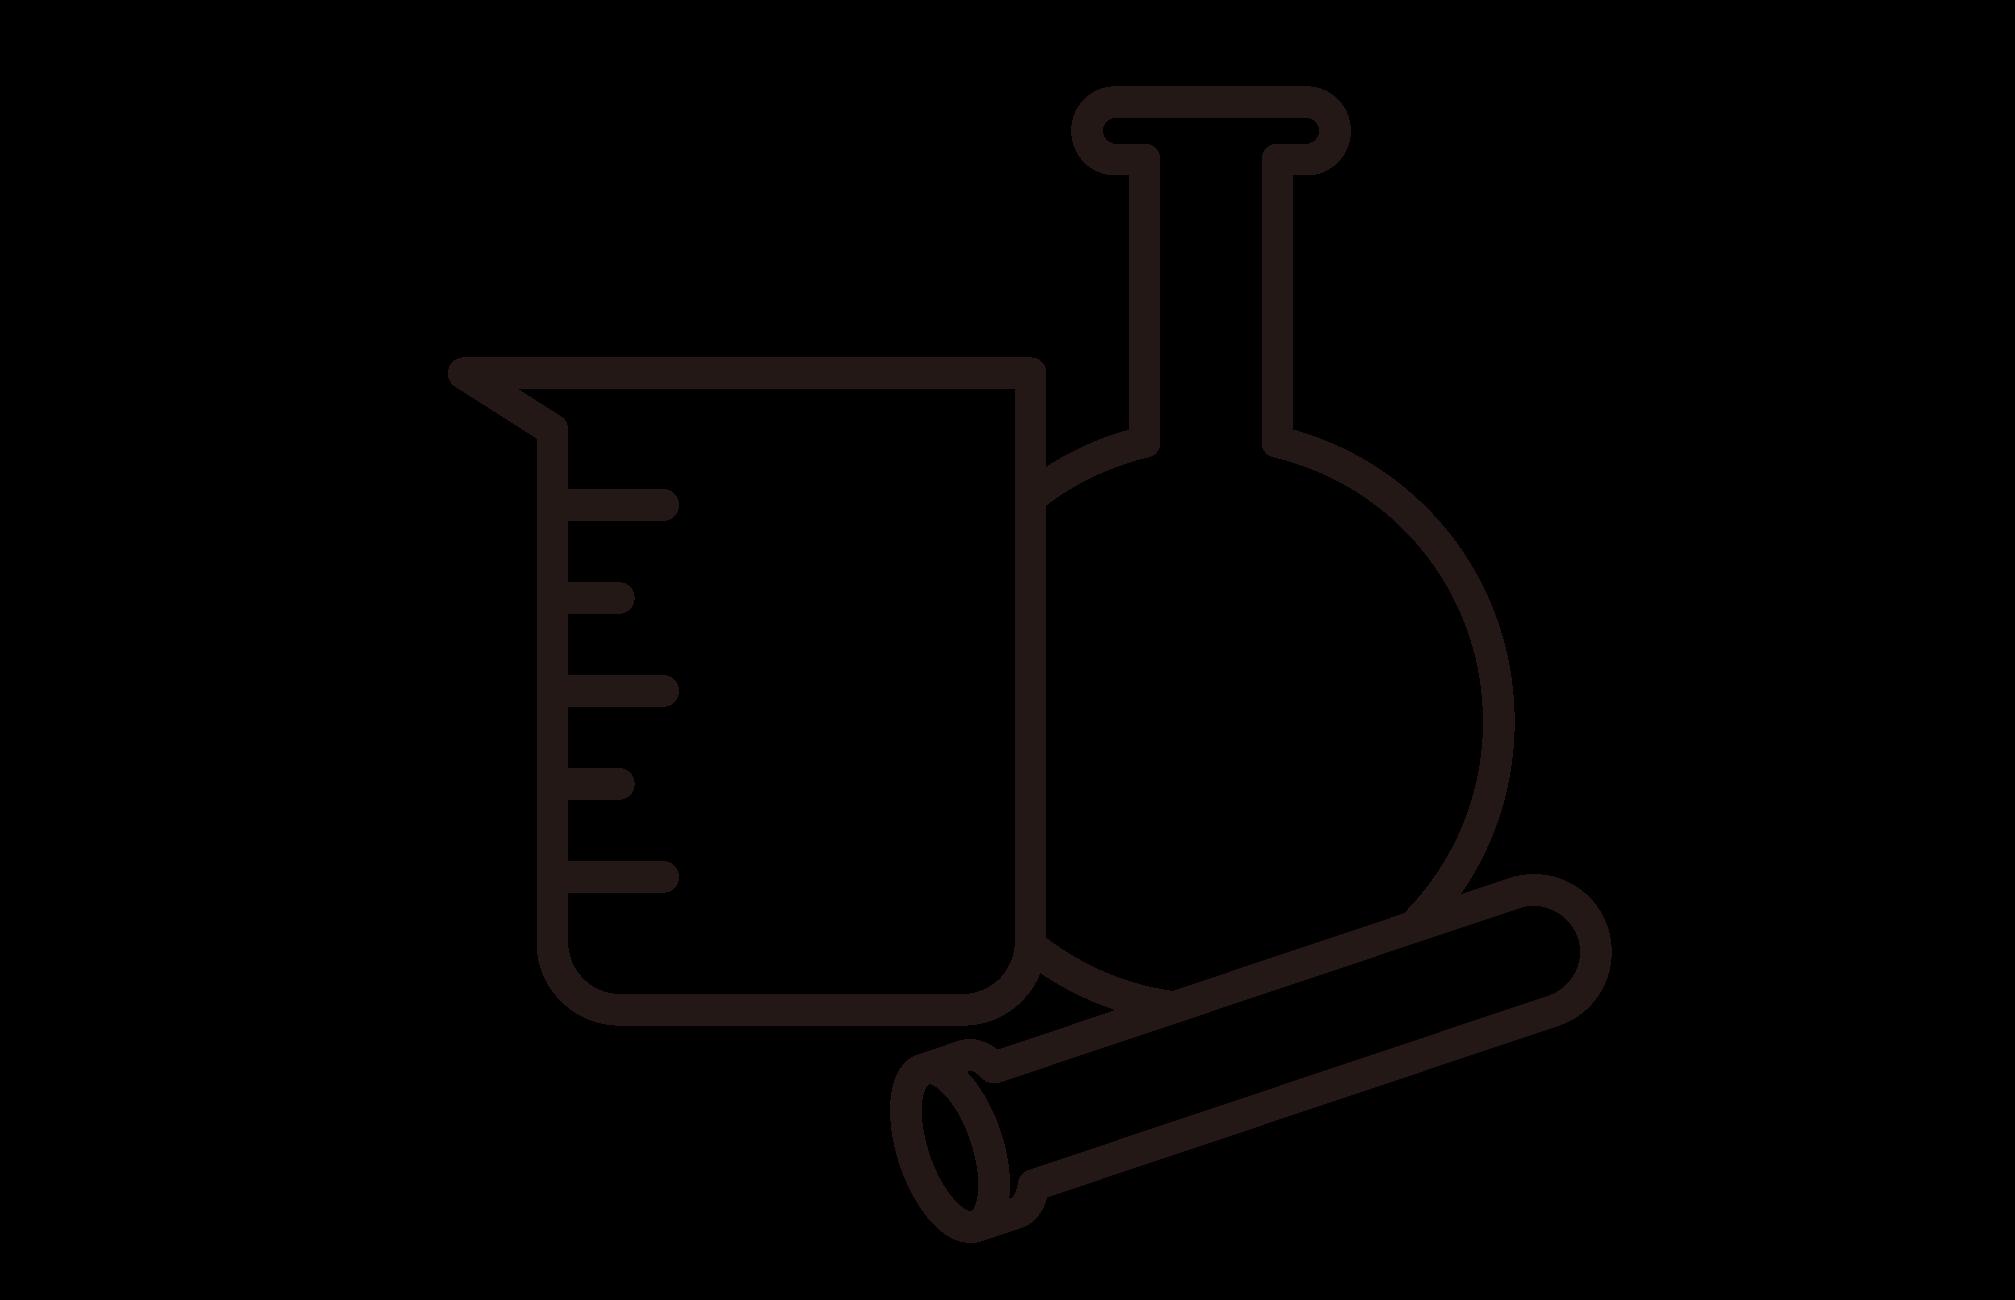 理化学バイオ営業部のイメージ